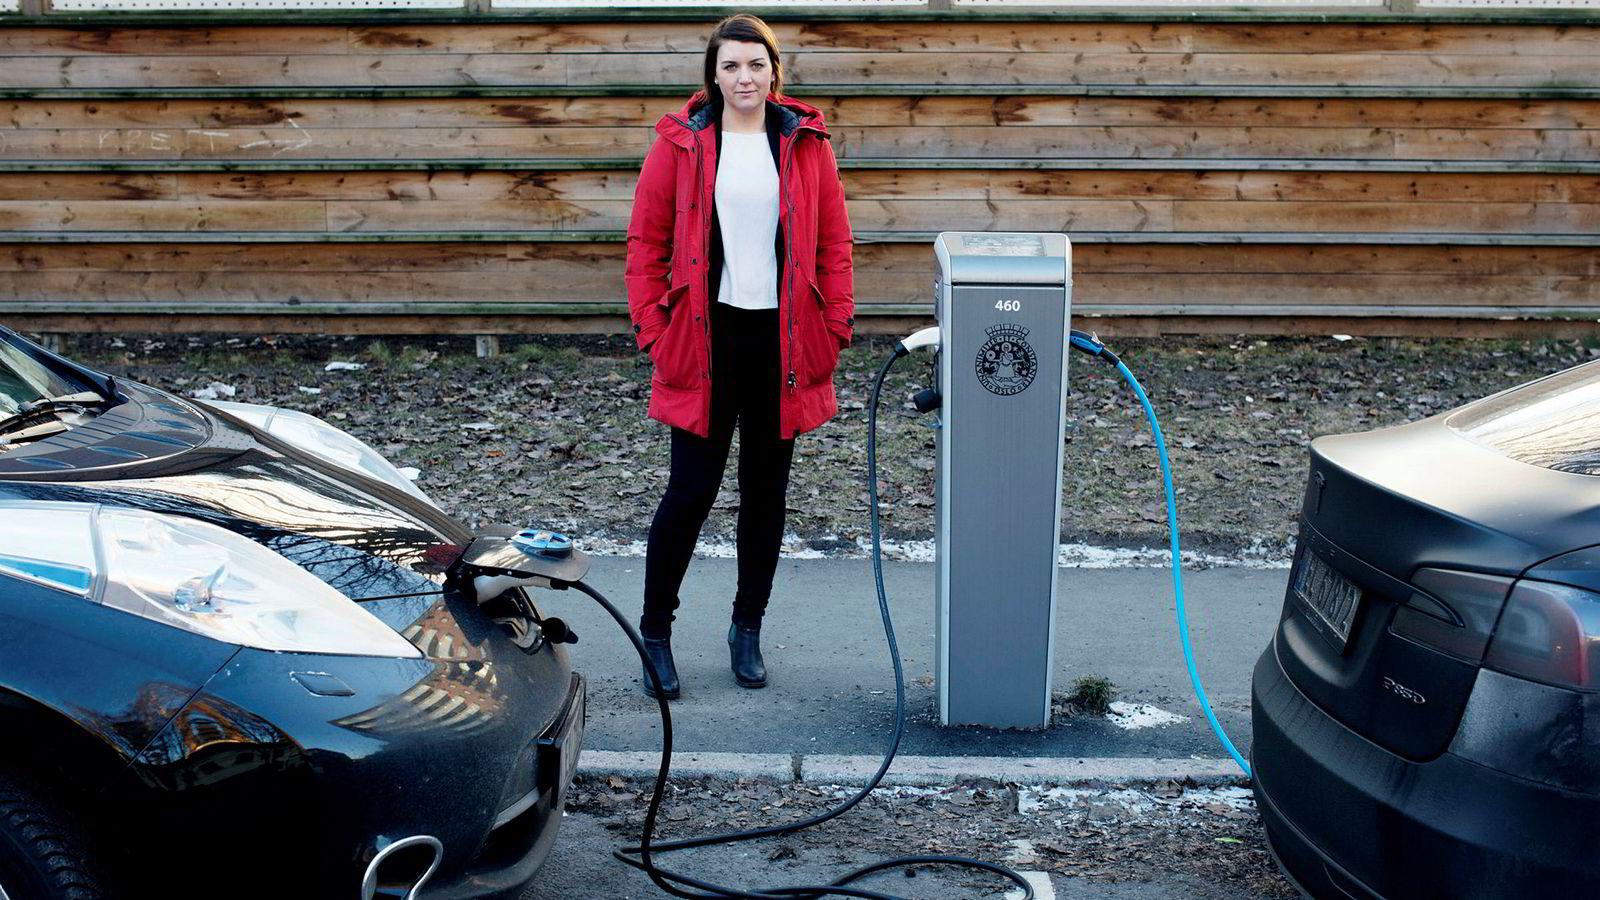 – Vi tror salget av førstegangsregistrerte elbiler vil øke kraftig i 2017 til opp mot 40.000 enheter, sier Christina Bu, generalsekretær i Elbilforeningen.